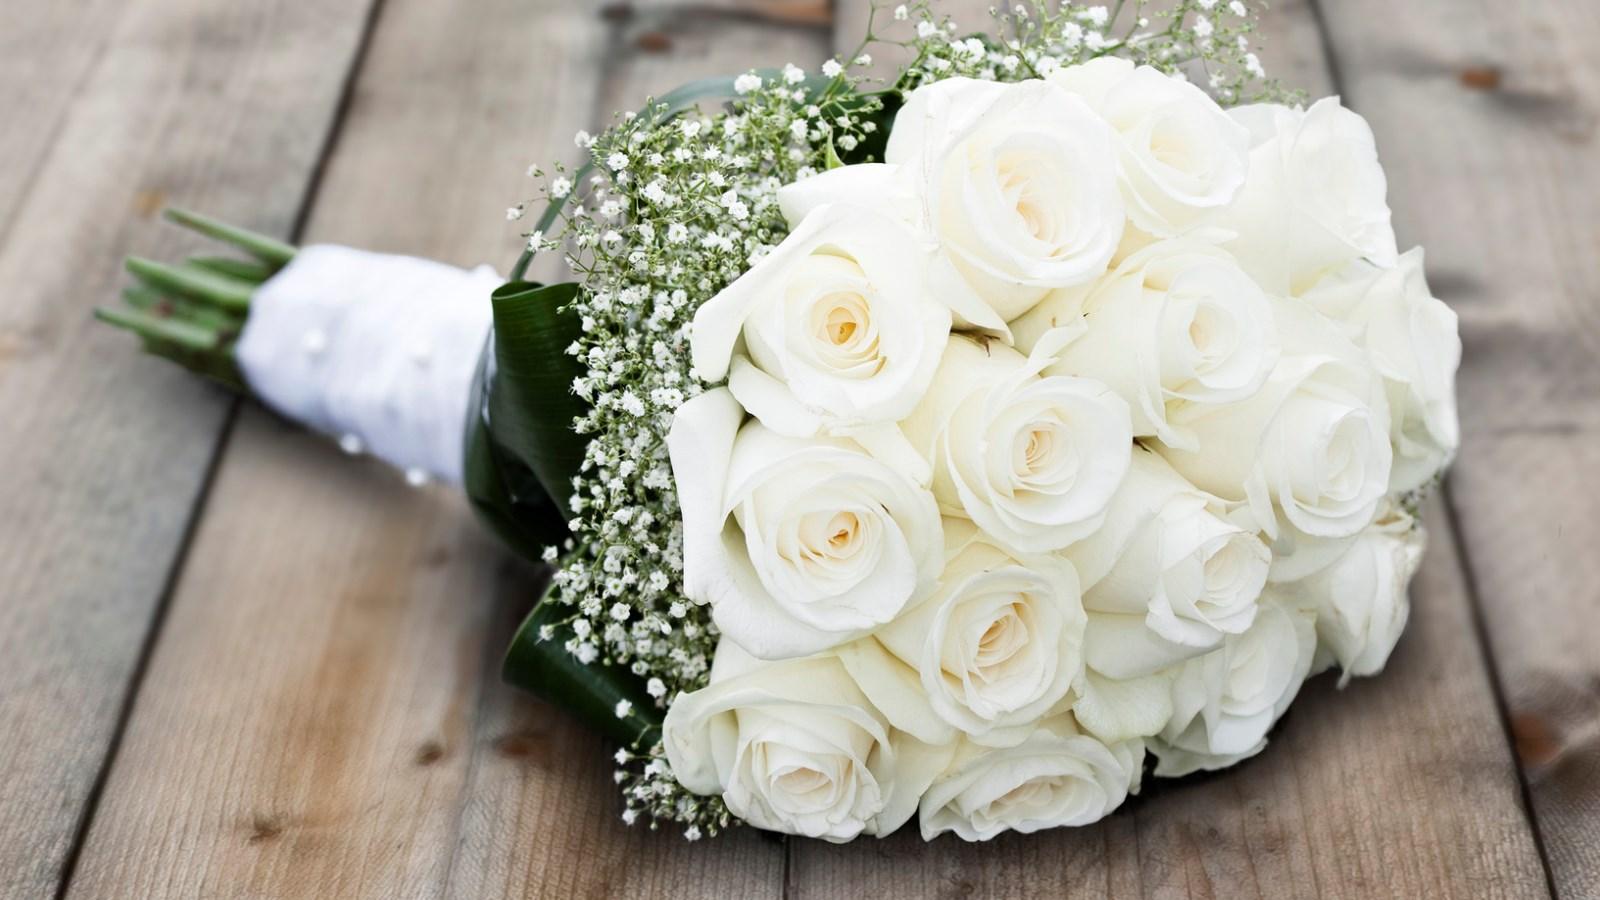 بالصور صور عن العروس , صور جميله ليوم العرس 4009 8